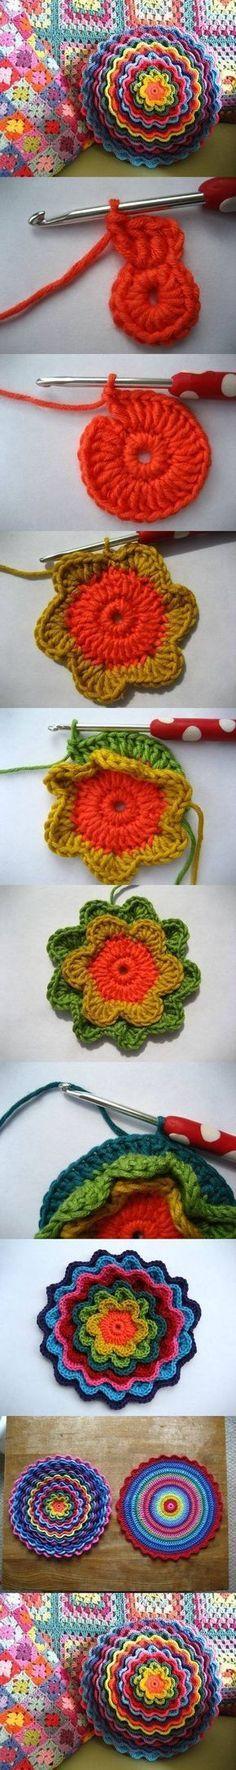 DIY del patrón del ganchillo del patrón de flor DIY flor del ganchillo